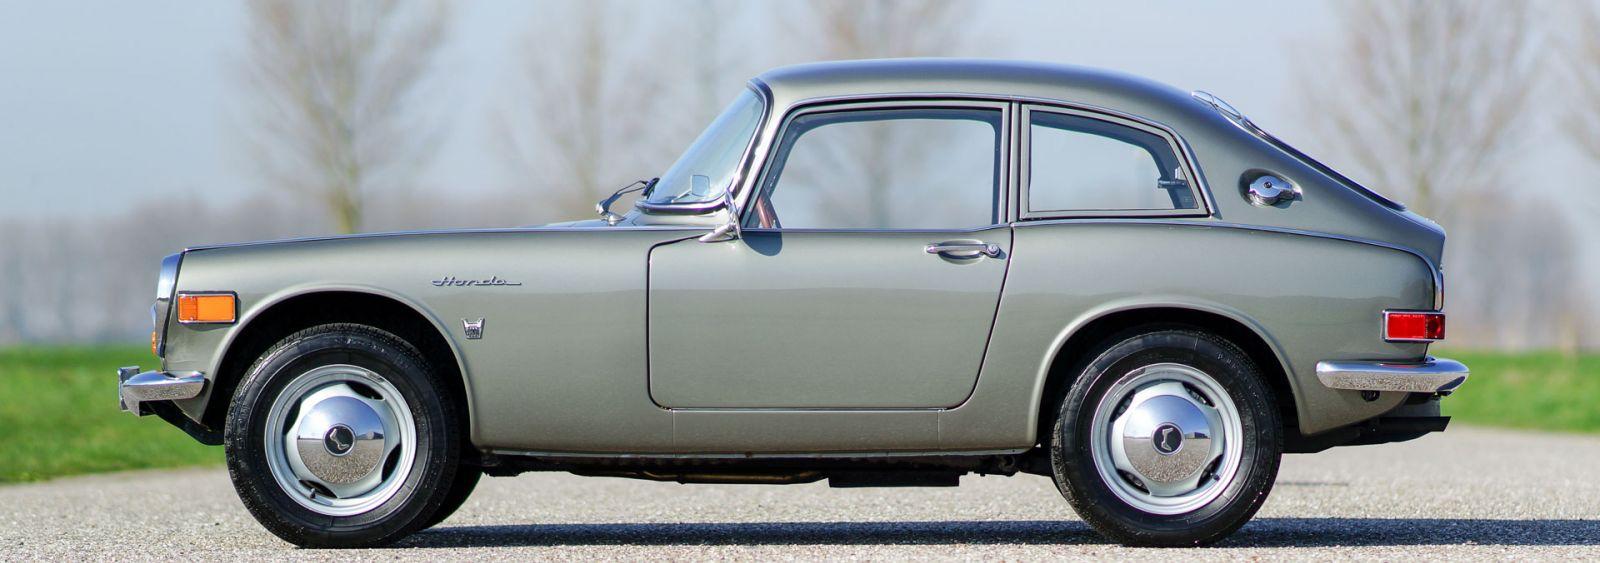 honda s800 coupe 1969 classicargarage fr. Black Bedroom Furniture Sets. Home Design Ideas